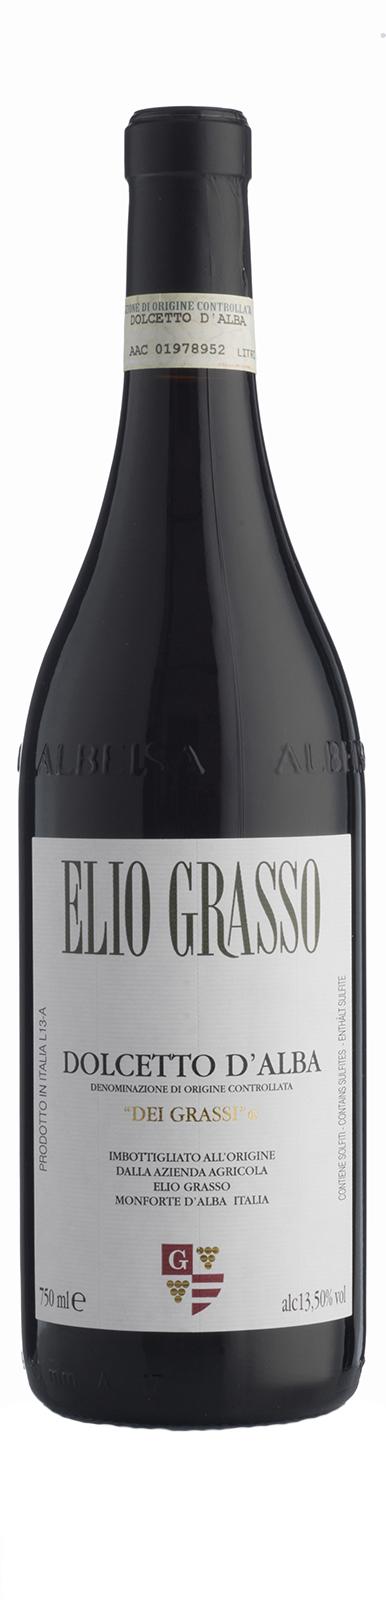 Elio Grasso Dolcetto d'Alba